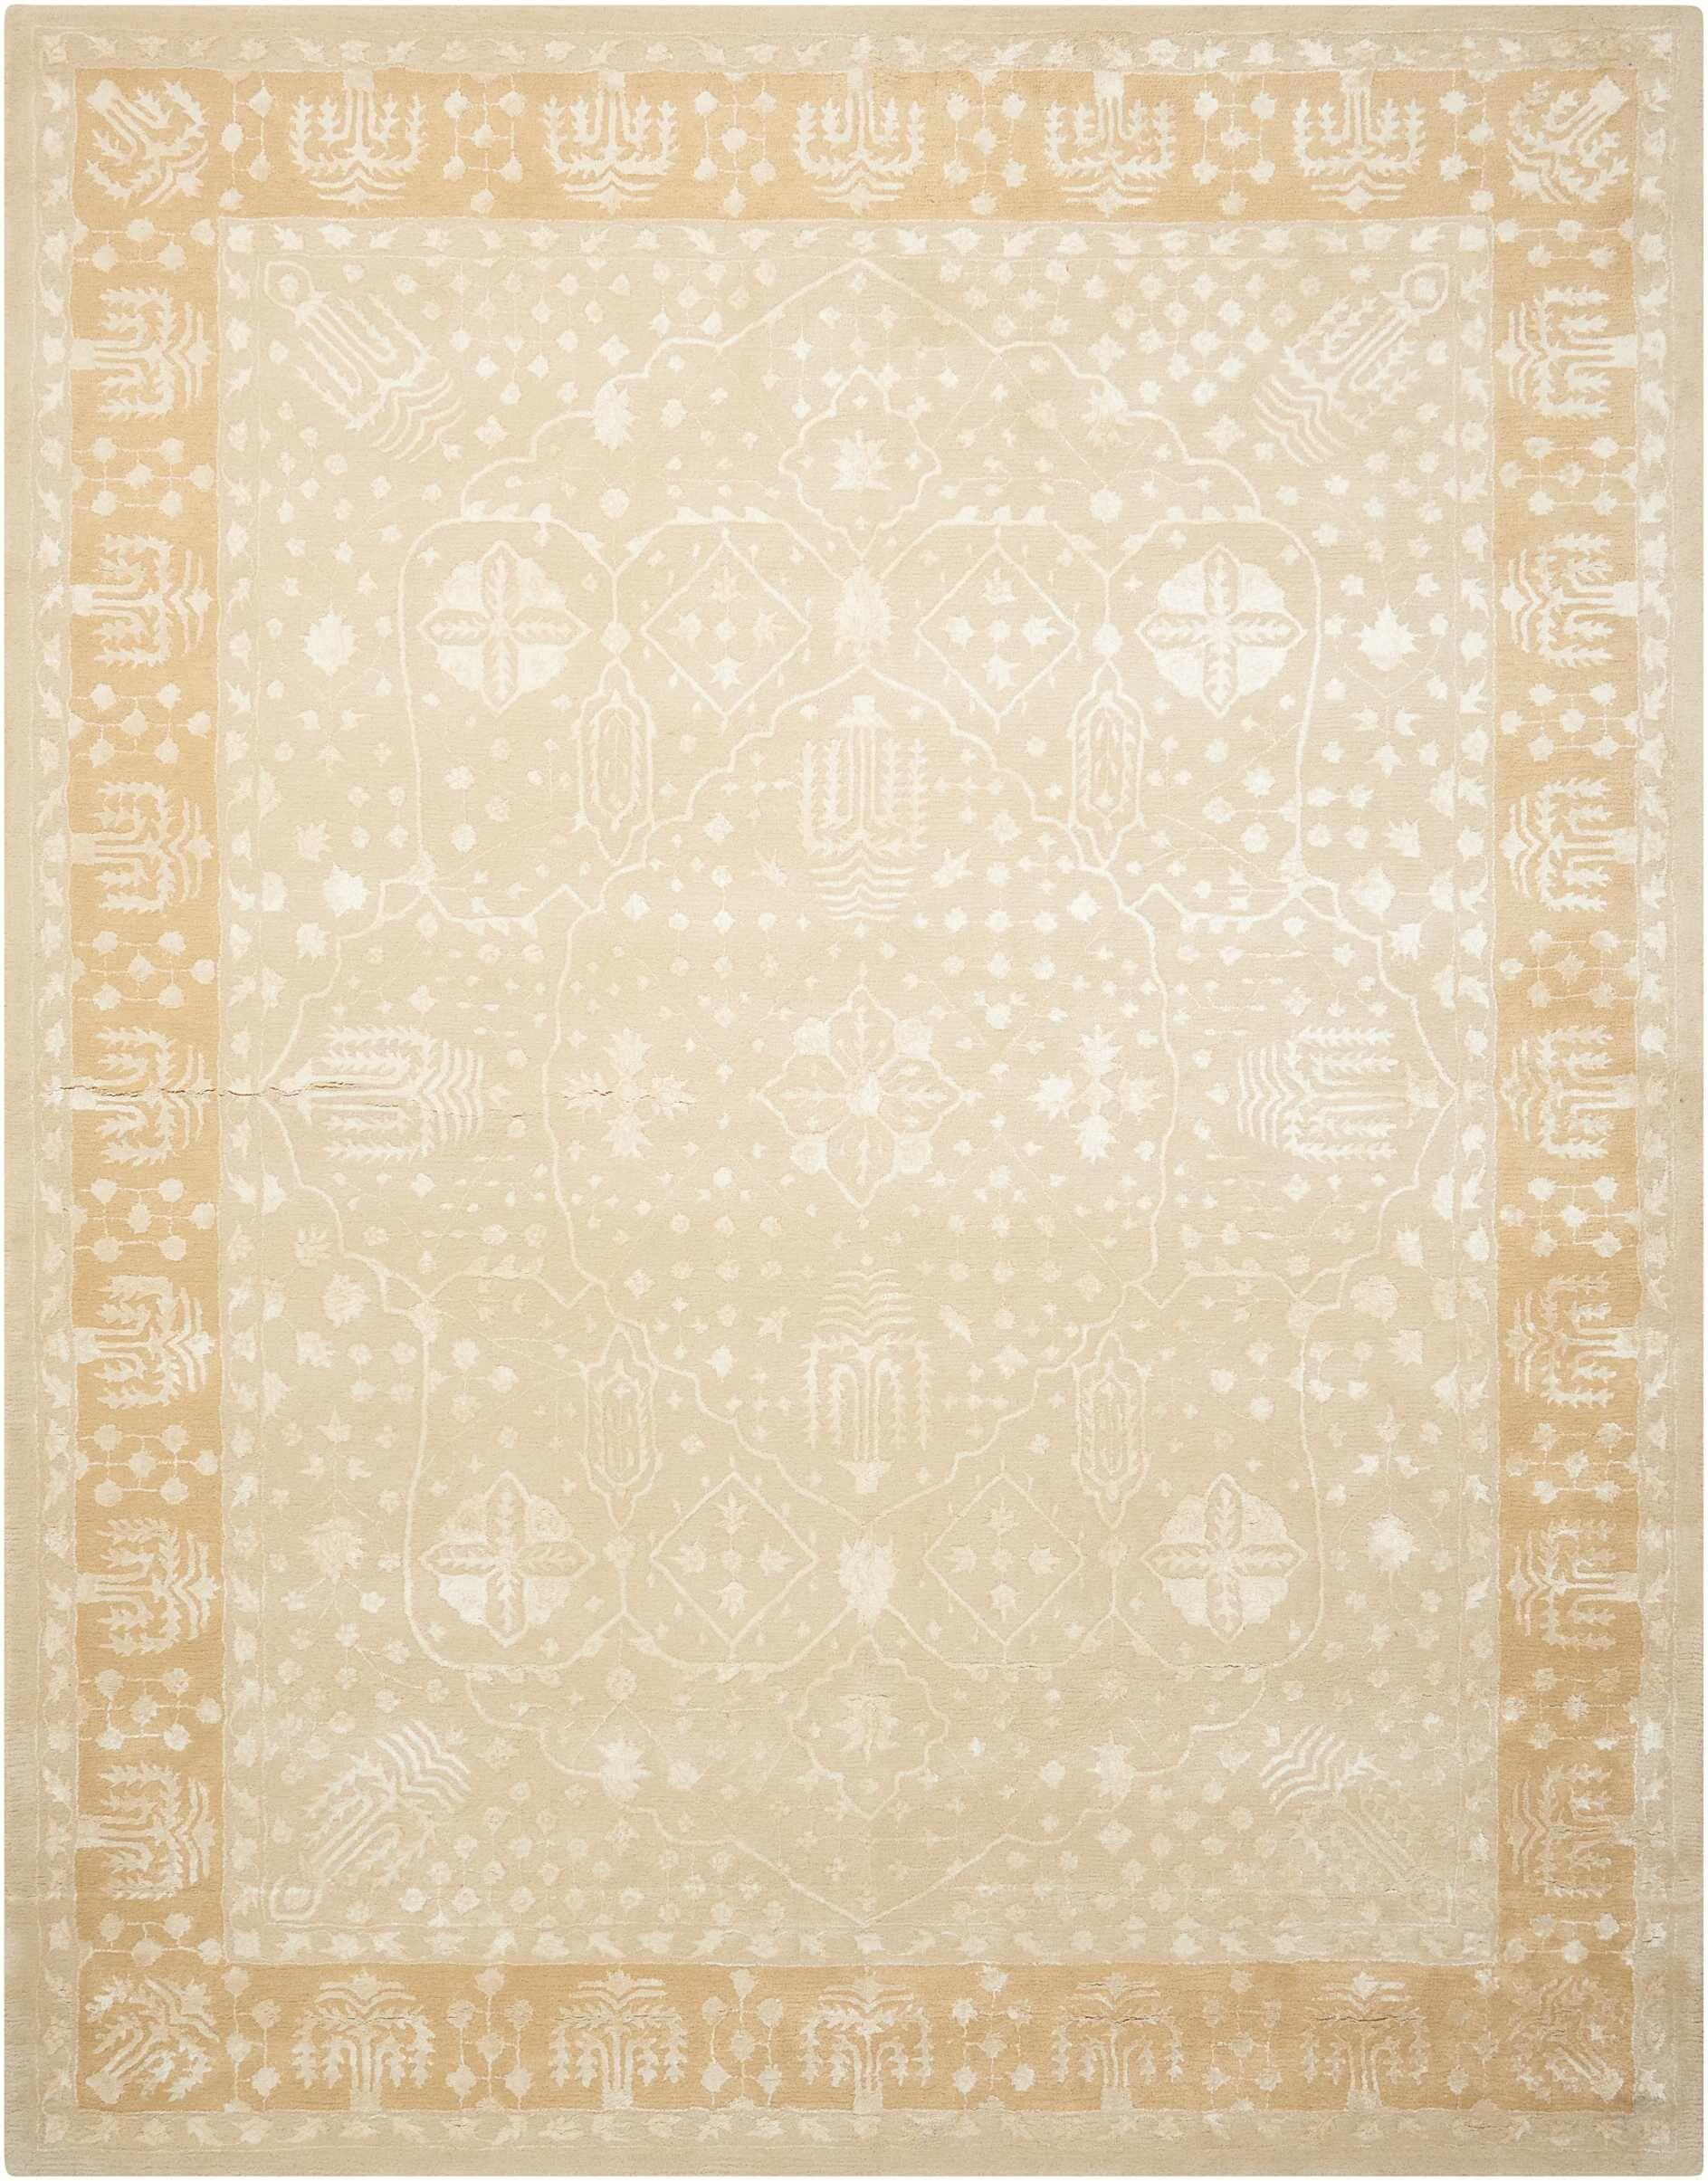 Veda Hand-Tufted Gold Oak Area Rug Rug Size: Rectangle 7'6